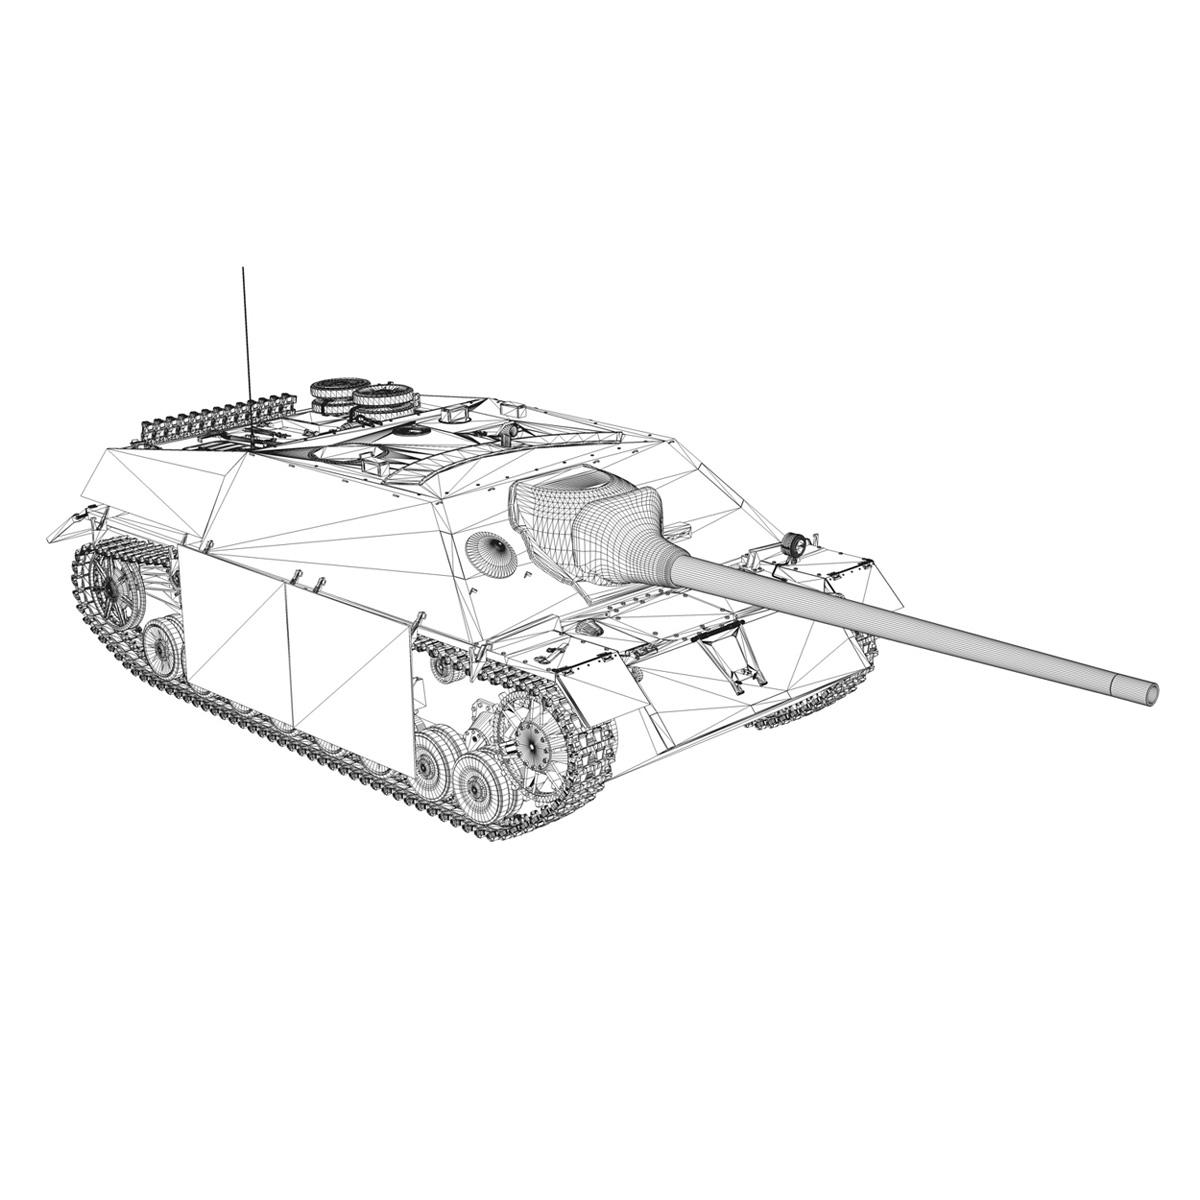 jagdpanzer iv l/70 (v) – 322 – late production 3d model 3ds fbx c4d lwo obj 280421